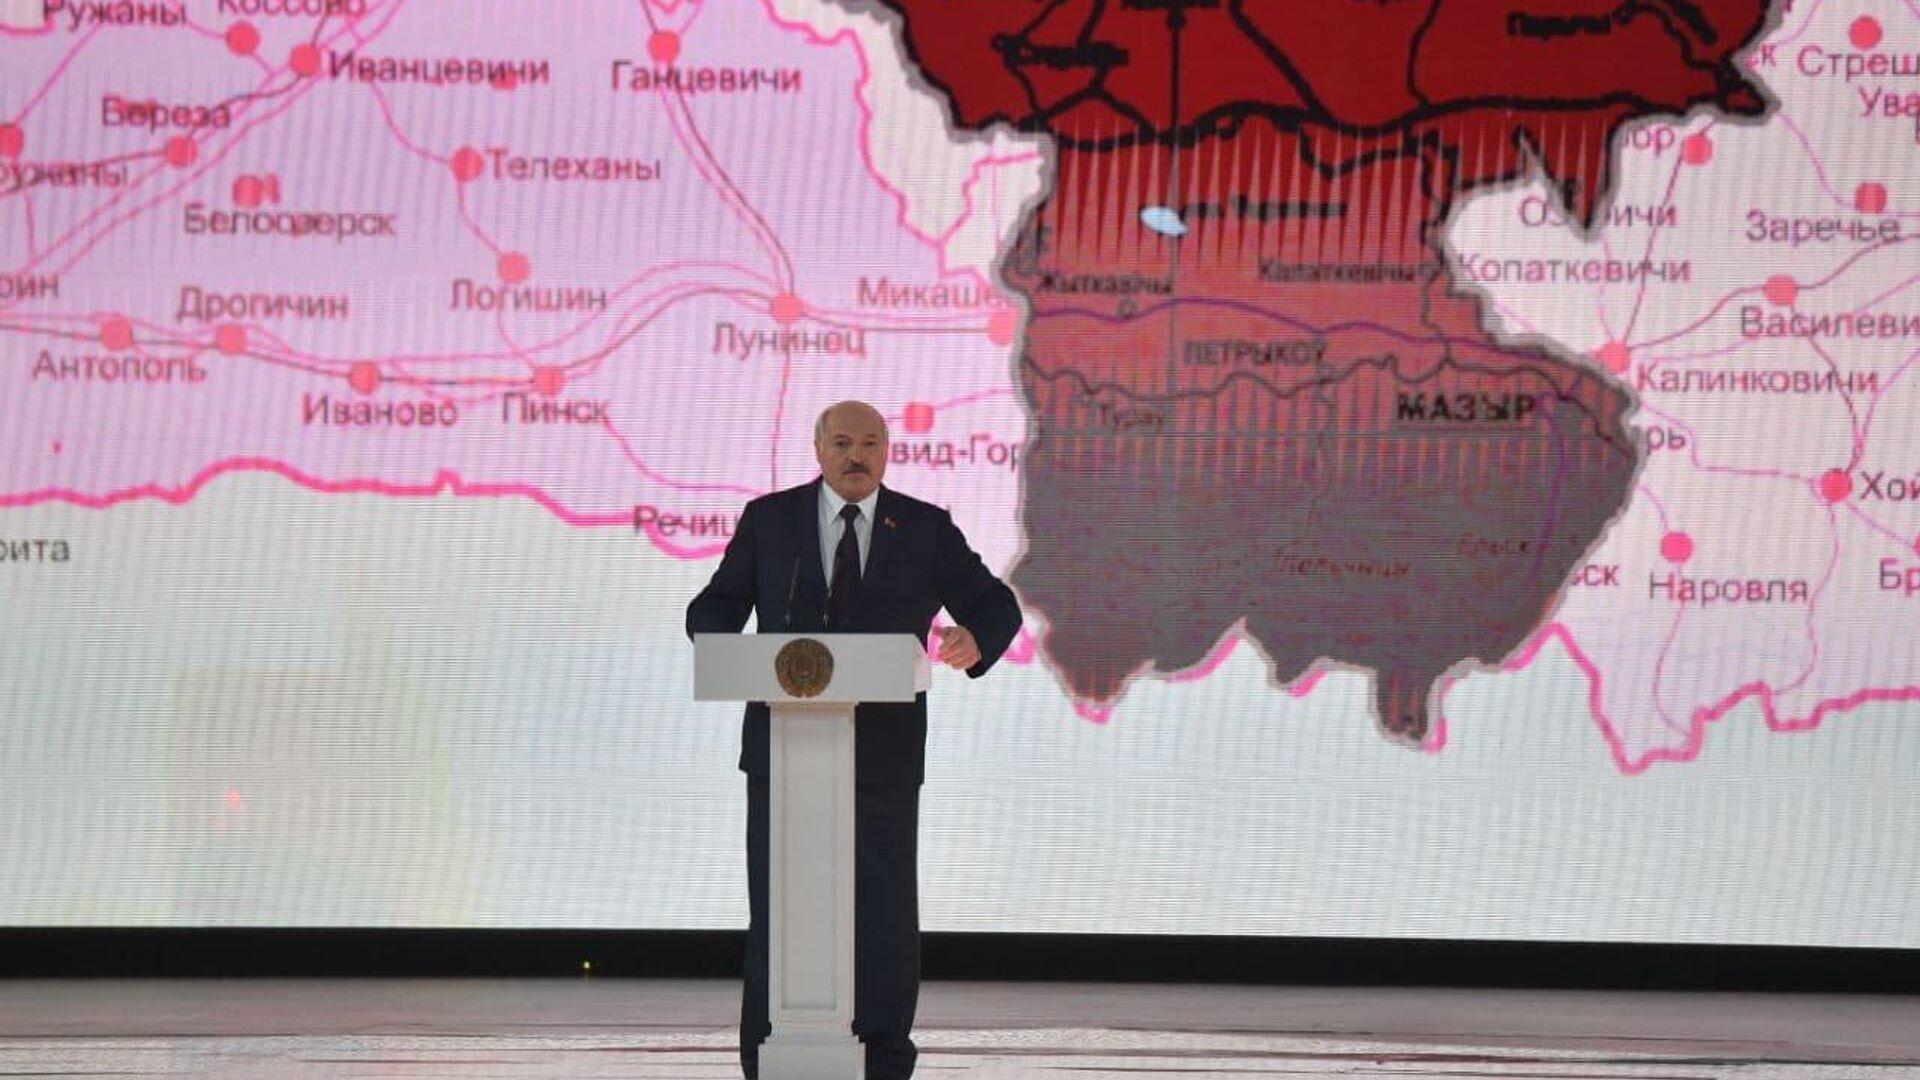 Лукашенко: поляки обиделись, что мы празднуем 17 сентября - Sputnik Беларусь, 1920, 17.09.2021